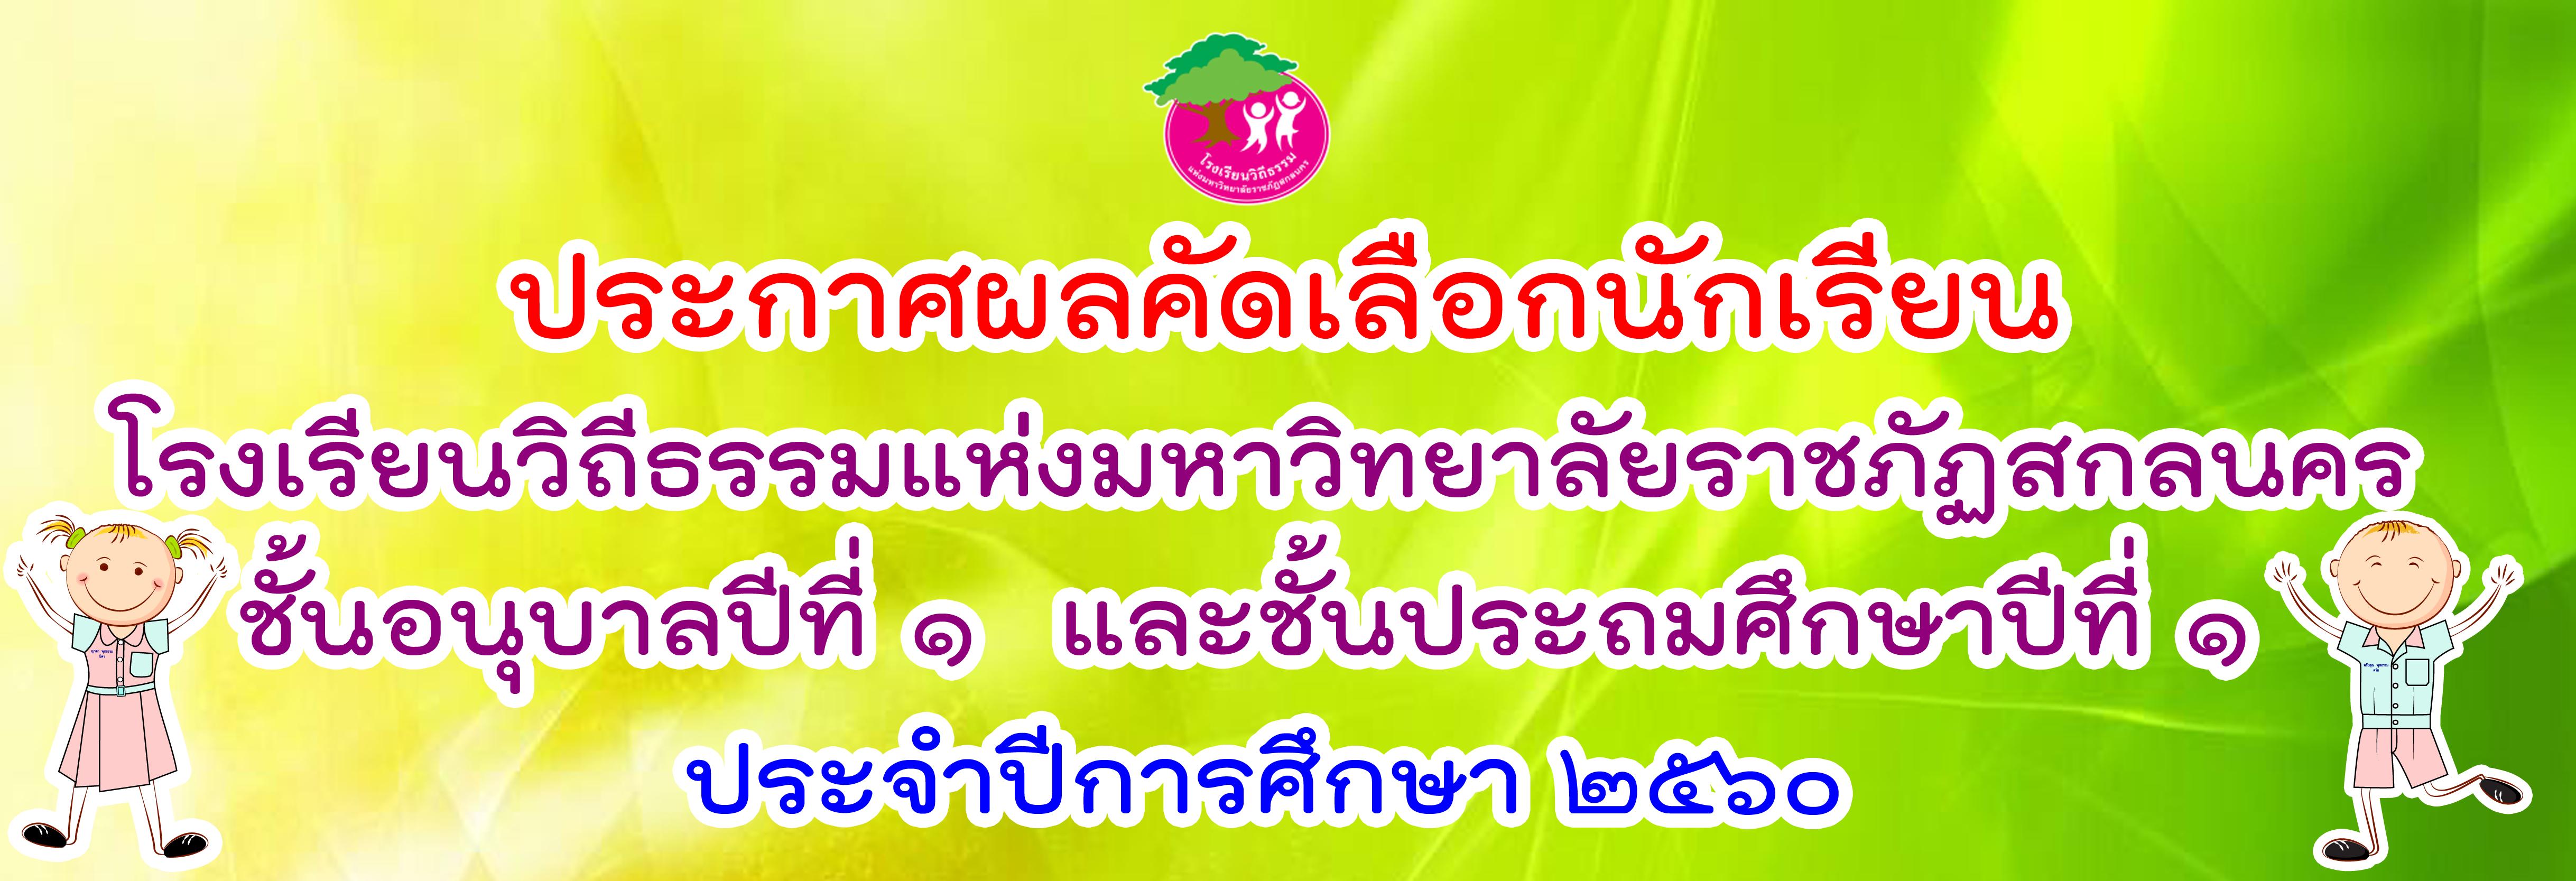 ประกาศผลการคัดเลือกนักเรียนประจำปีการศึกษา 2560